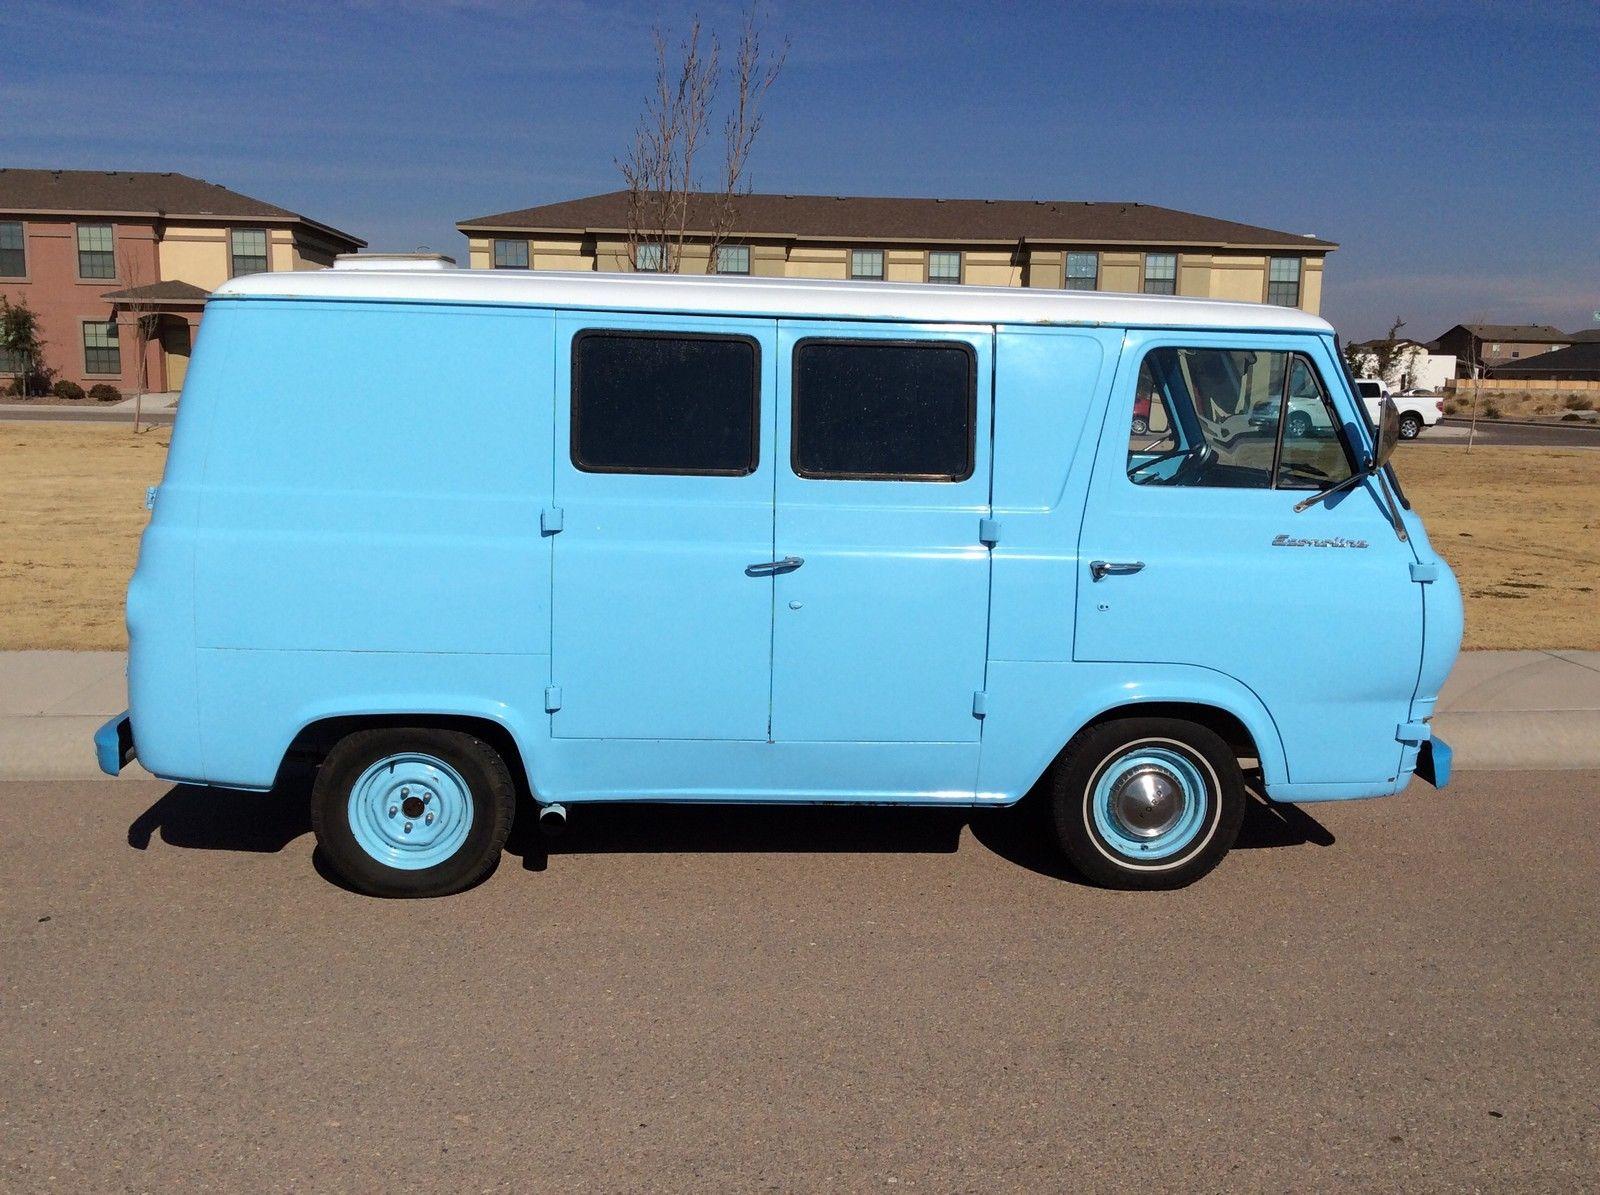 1966 ford econoline blue van. Black Bedroom Furniture Sets. Home Design Ideas